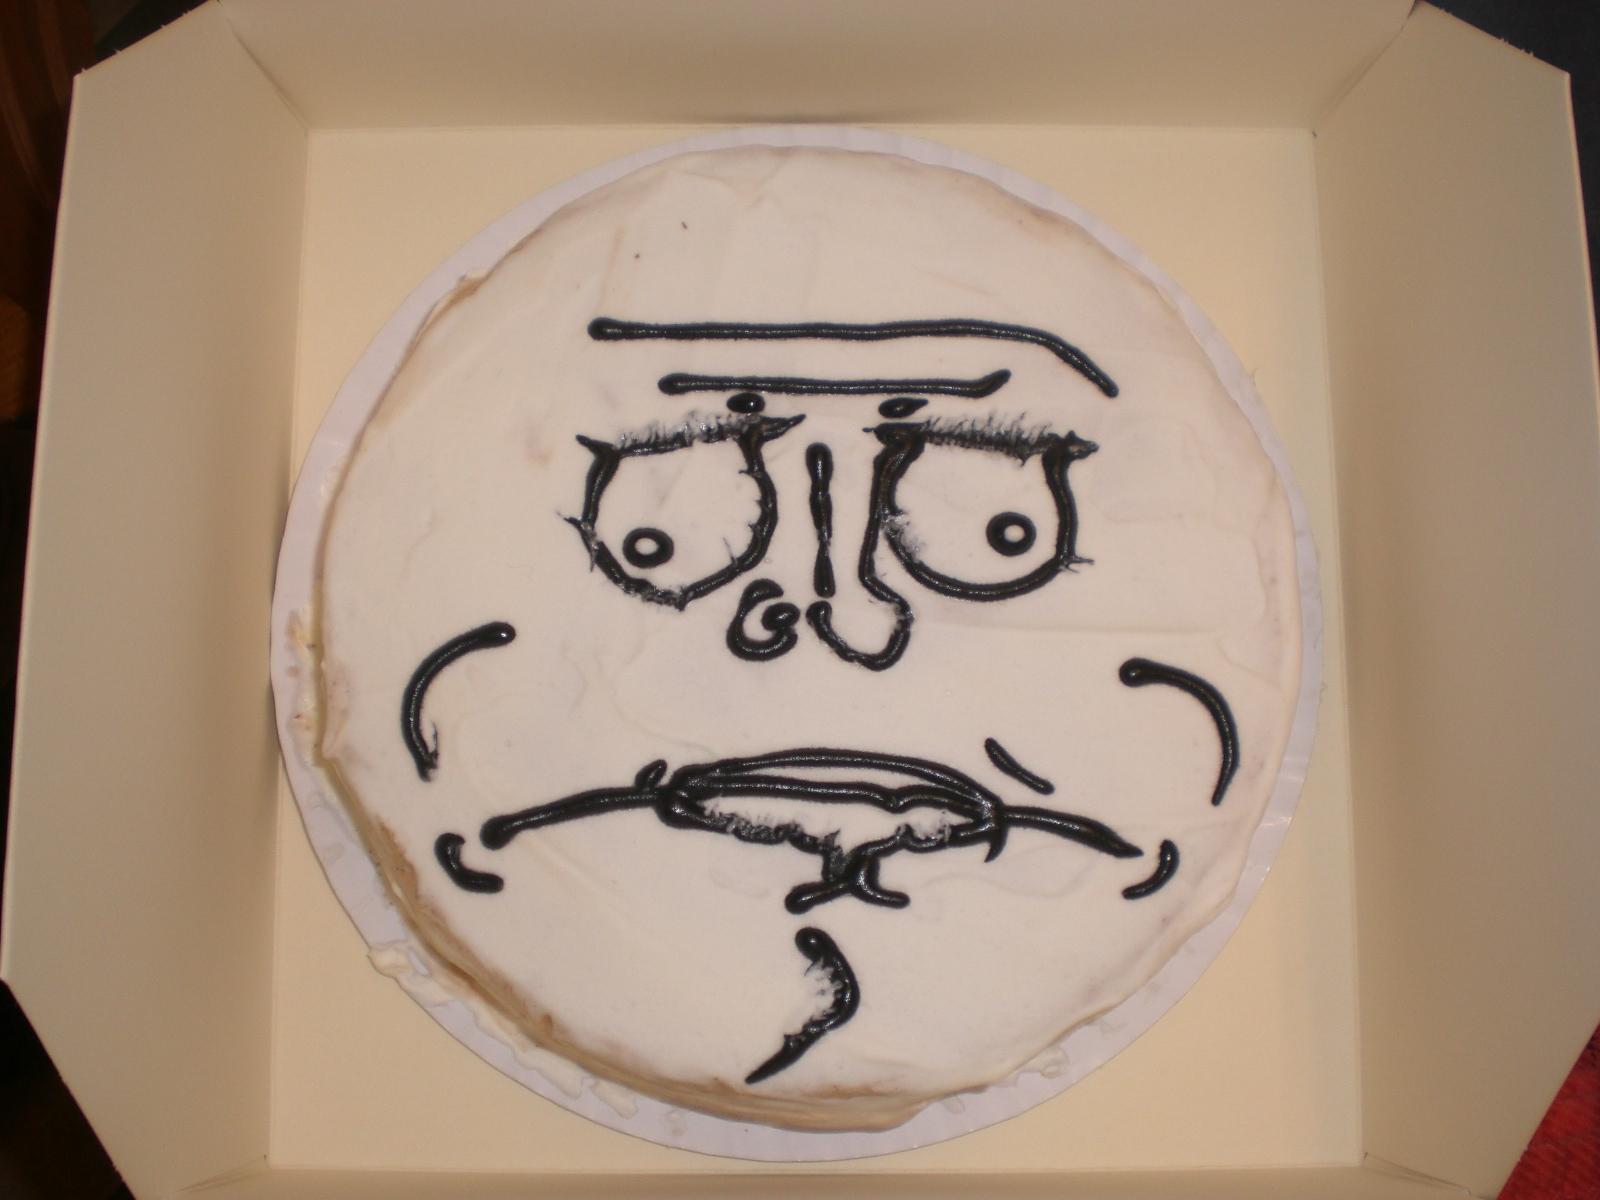 I Love Cake Design Fiorella : Cake Design di Fiorella: Torta gelato